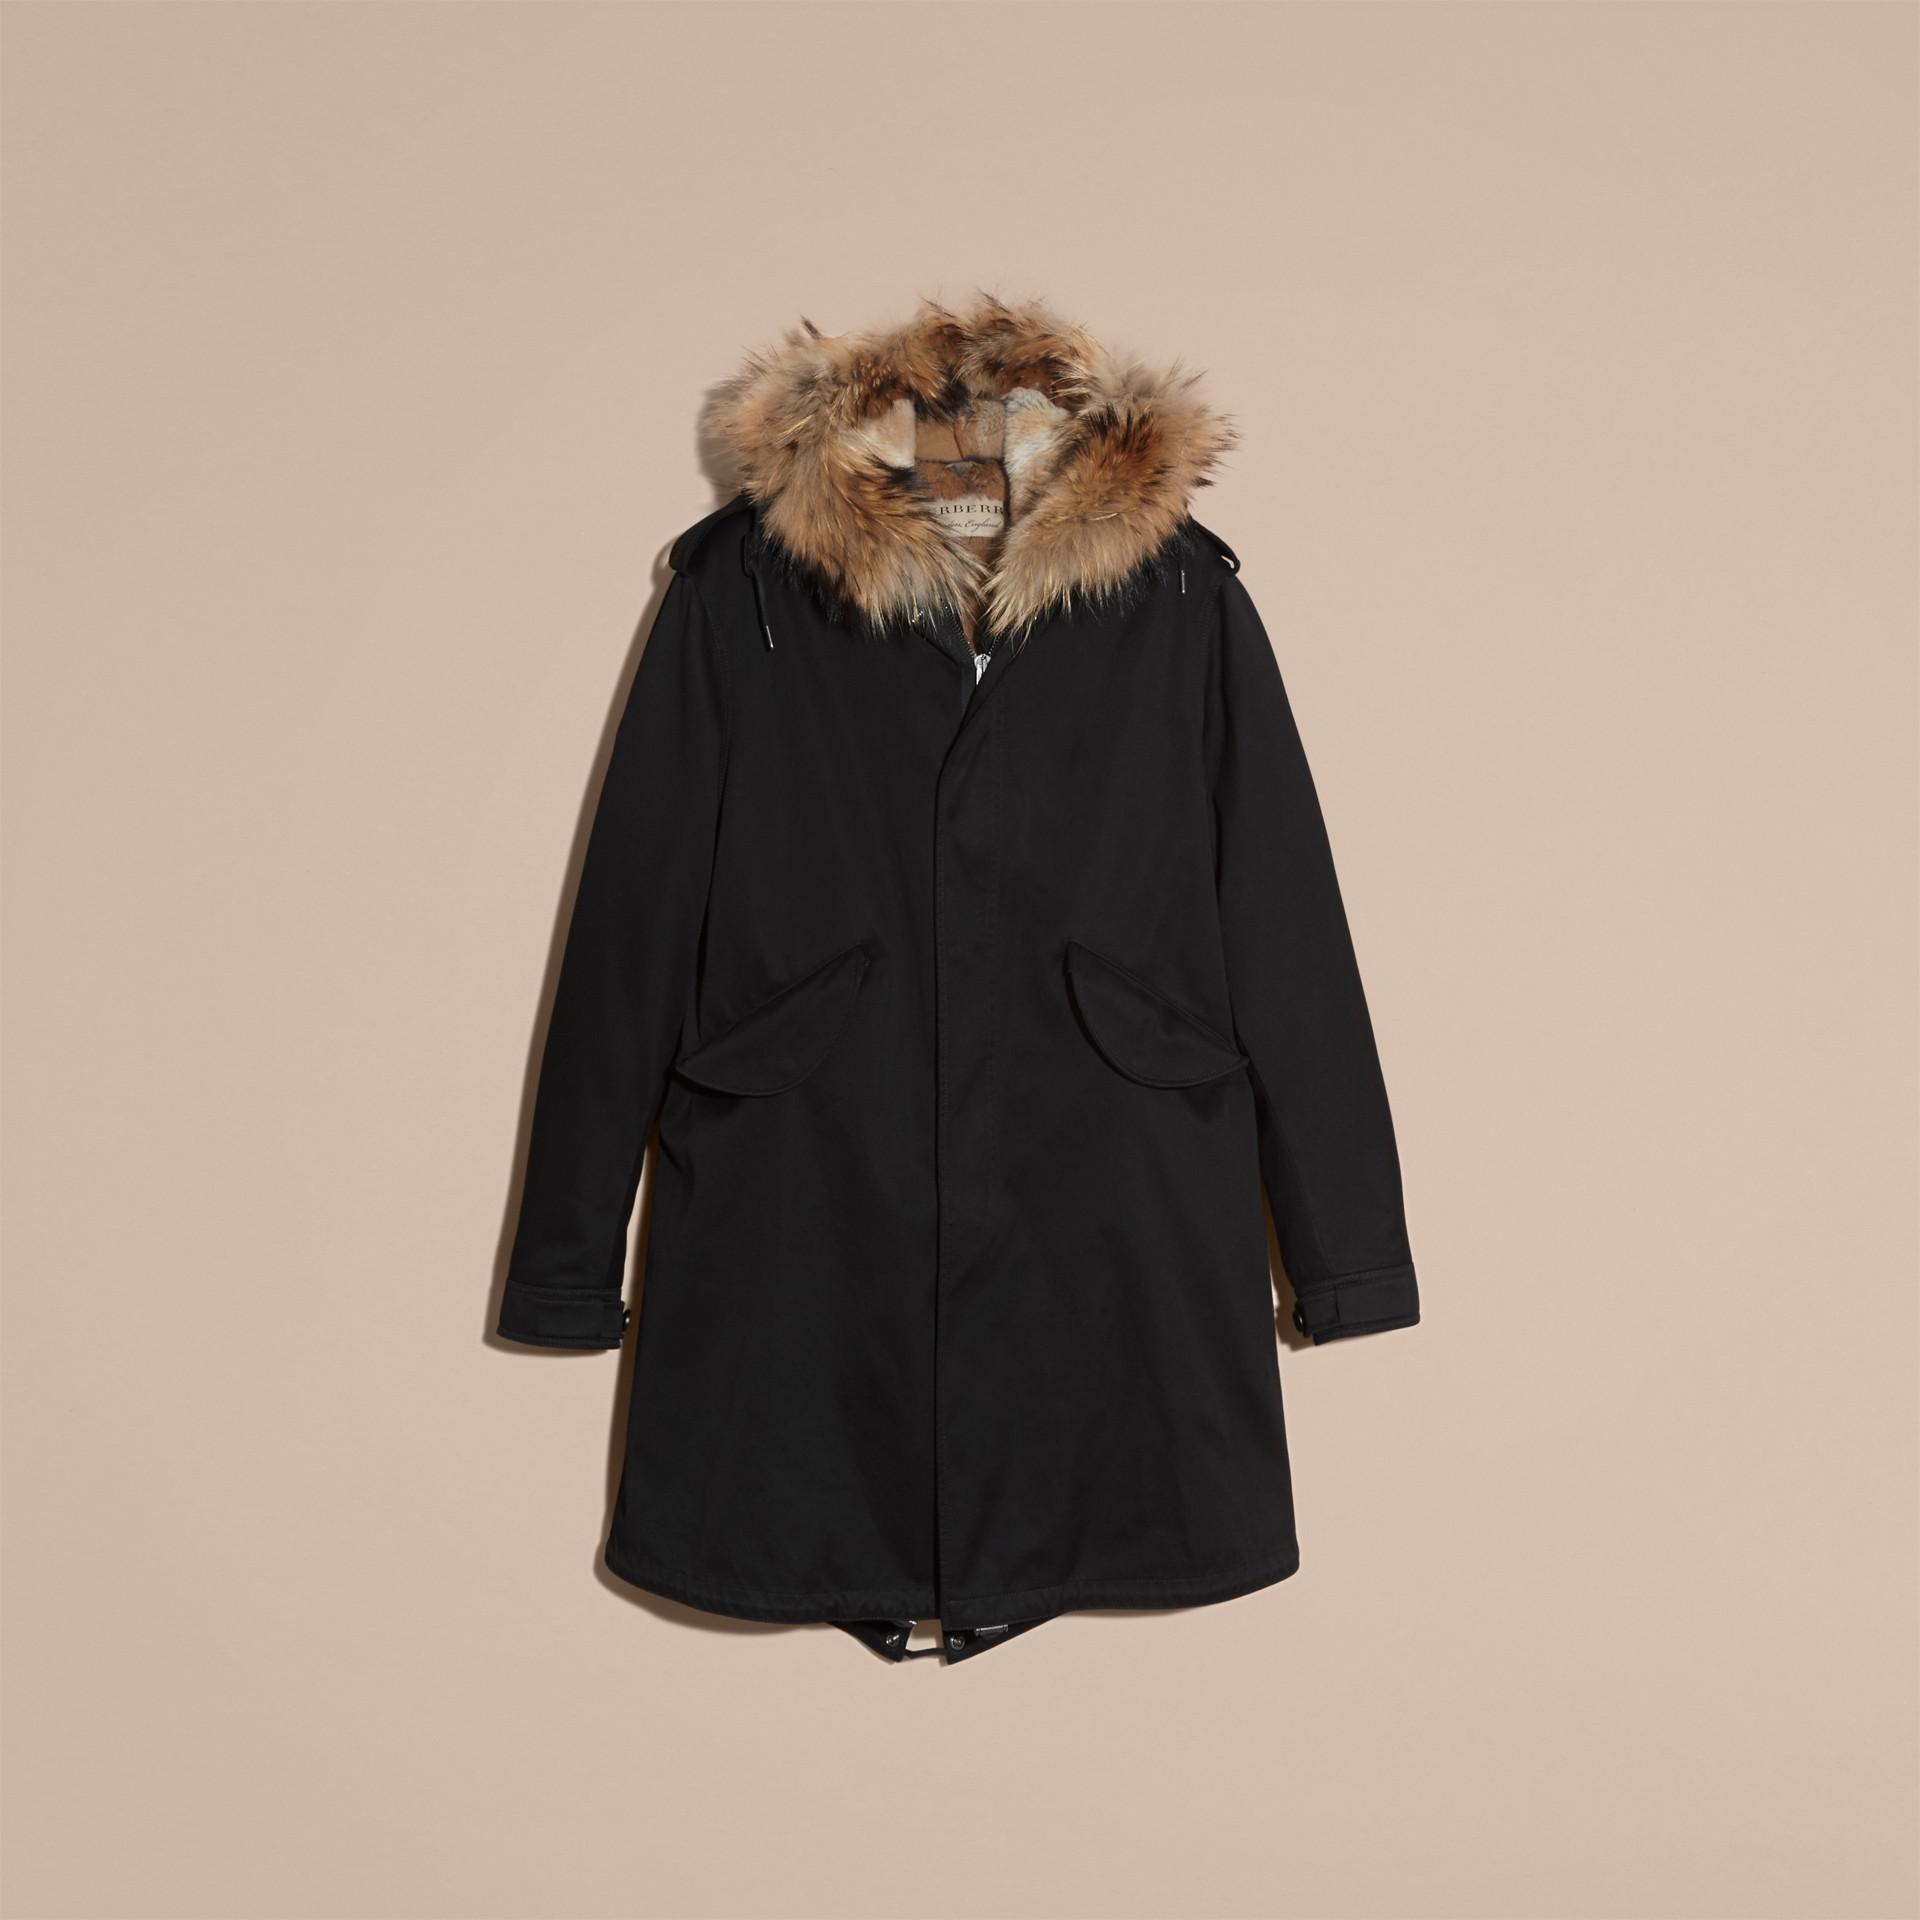 Noir Parka en satin de coton avec bordure et gilet intérieur en fourrure - photo de la galerie 4